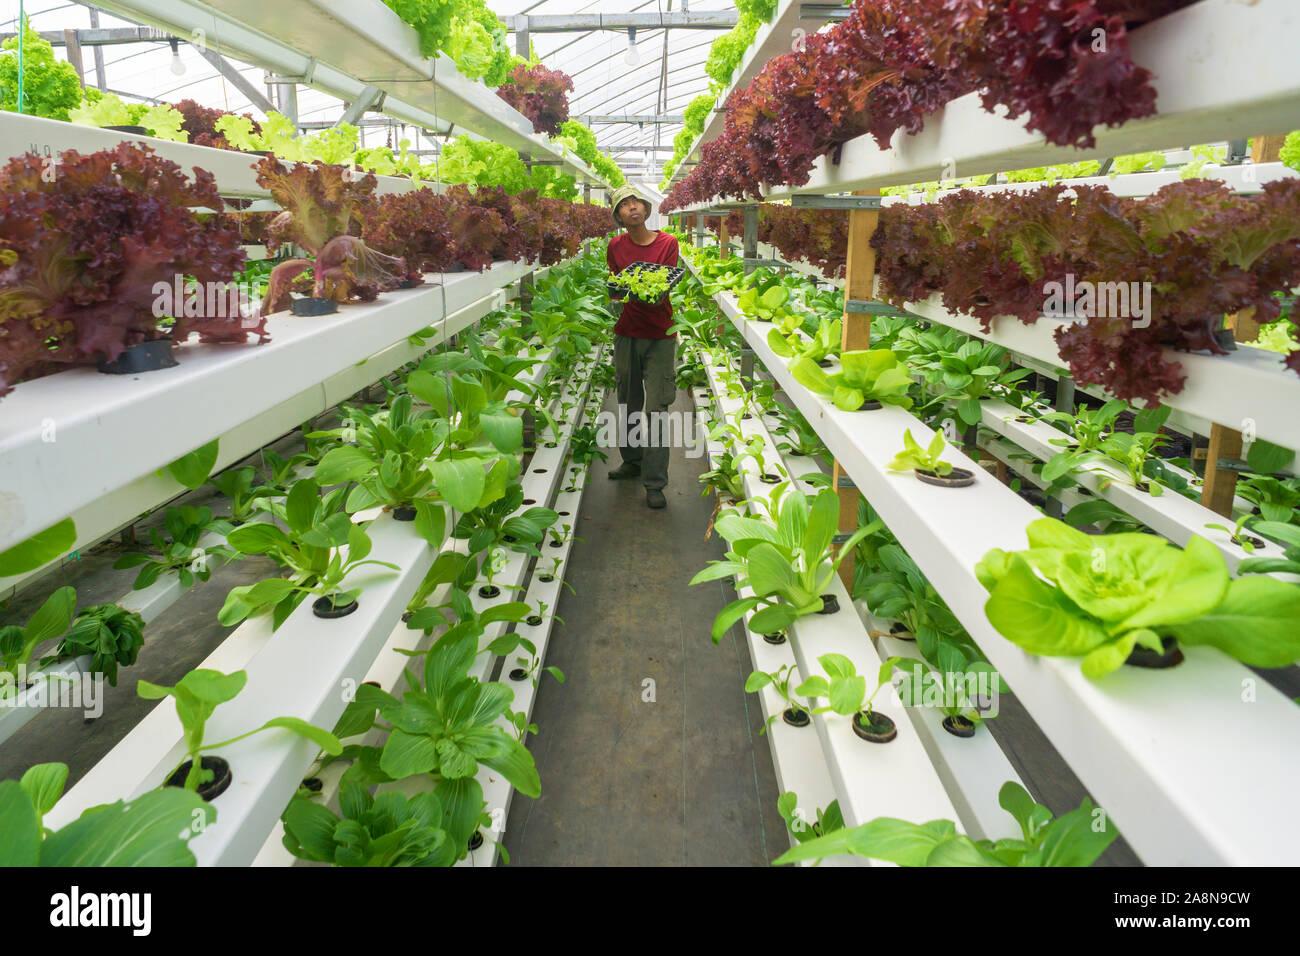 Jóvenes agricultores malayos asiáticos trabajan en orgánicos hidropónicos hortalizas aquaponic moderno .Concepto de joven graduado que trabaja en la granja moderna. Foto de stock